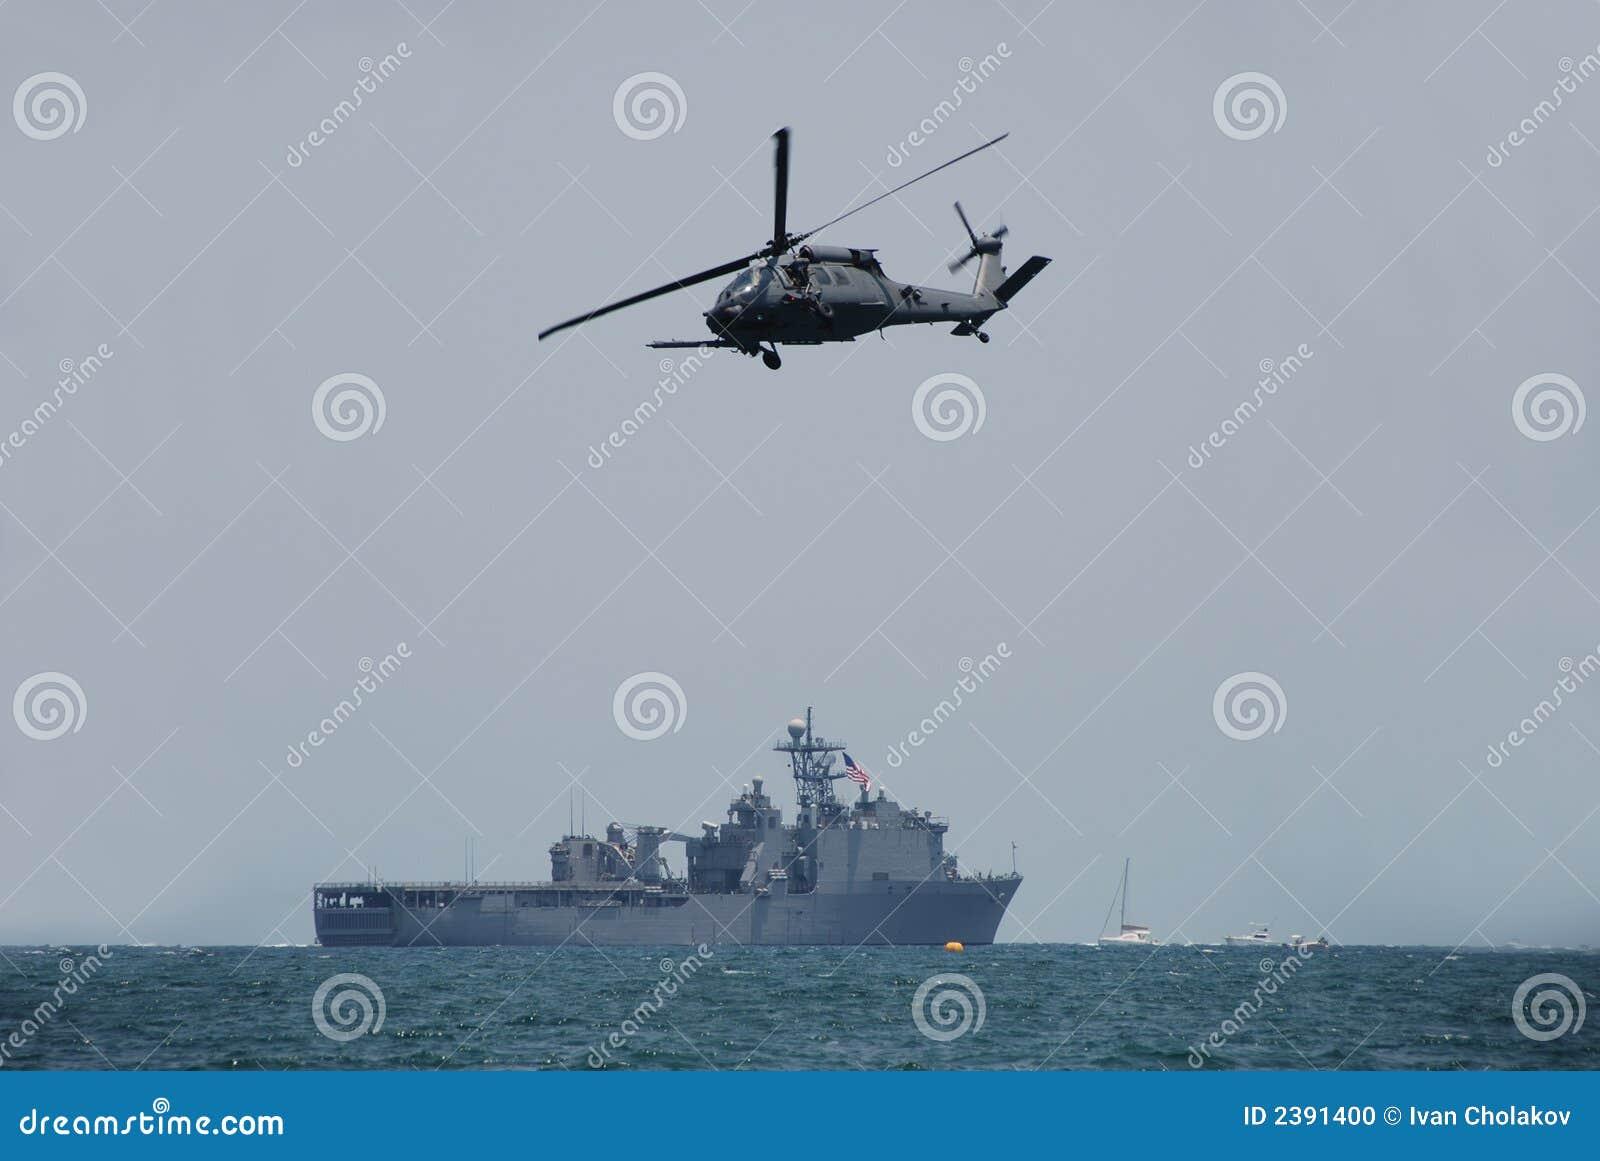 Elicottero Bianco E Blu : Elicottero e nave da guerra del blu marino fotografia